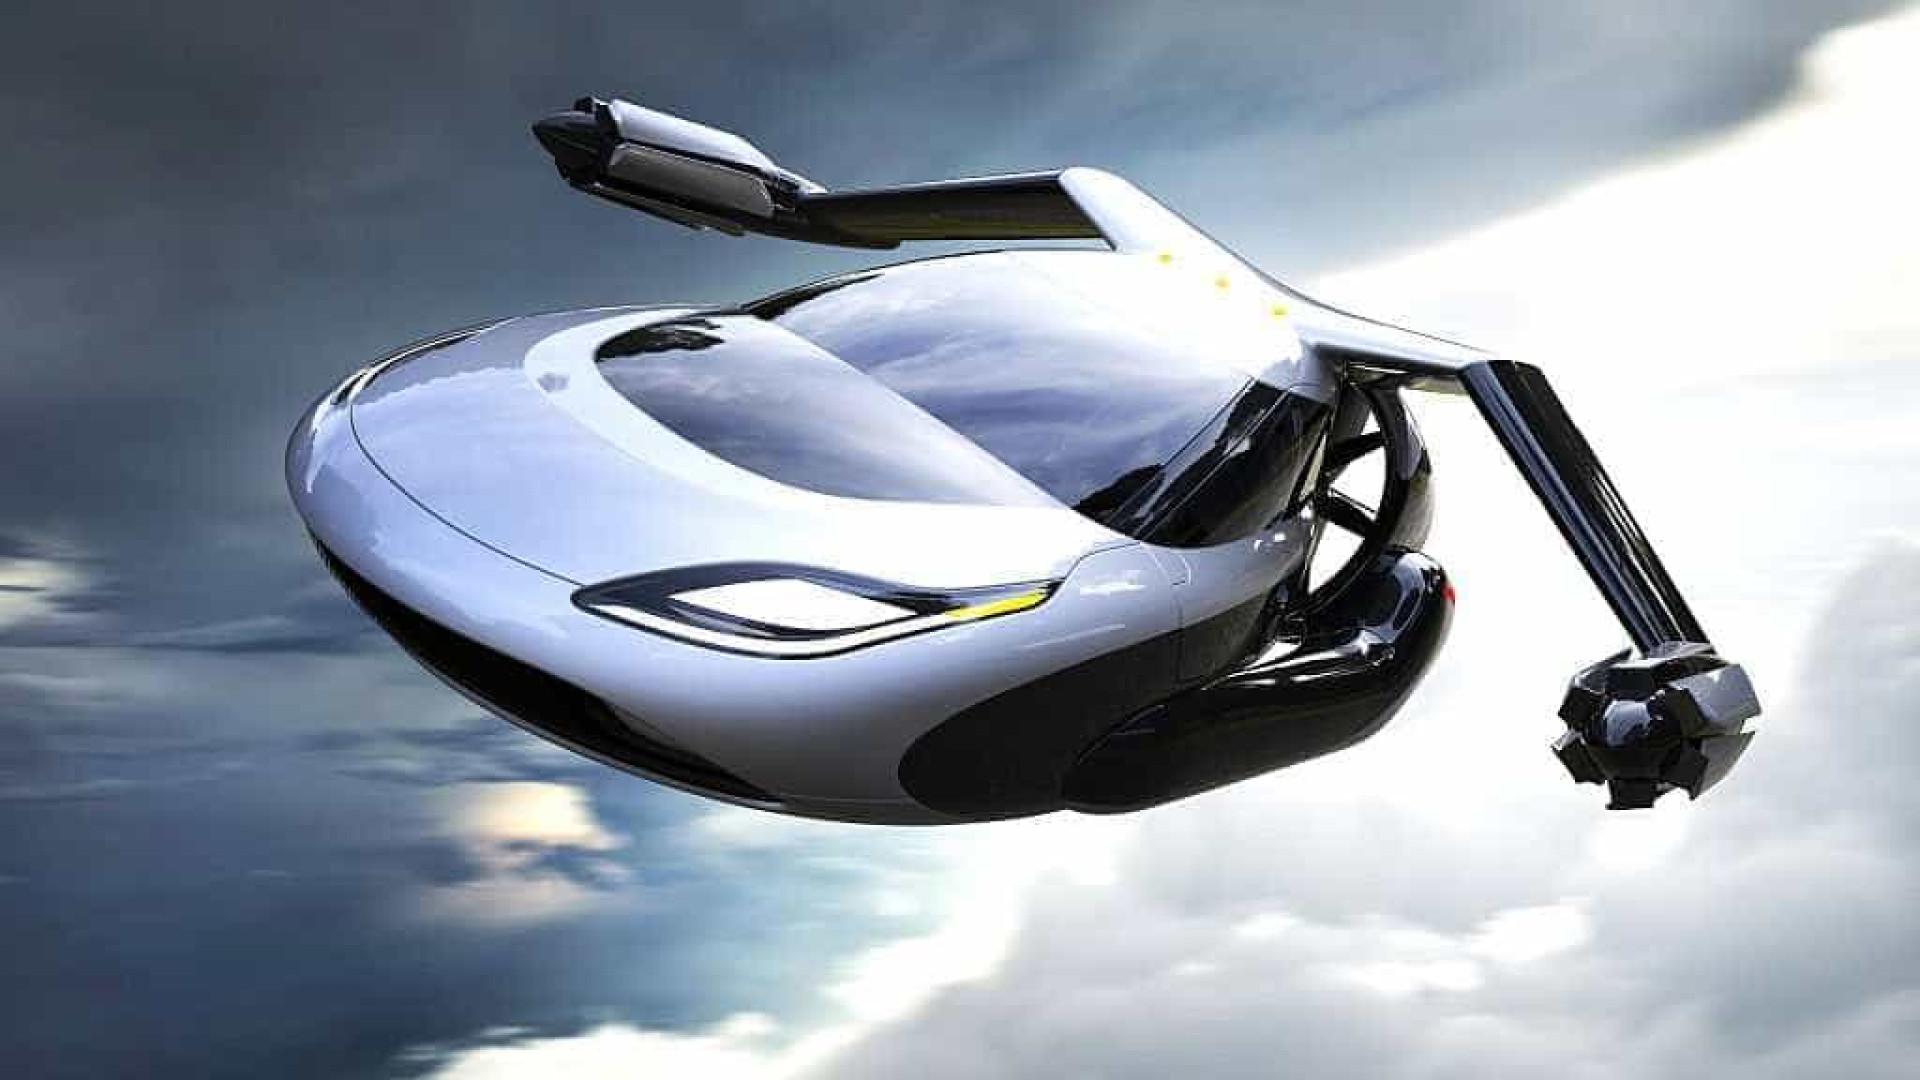 Japão quer lançar carro que voa antes dos Jogos Olímpicos de 2020